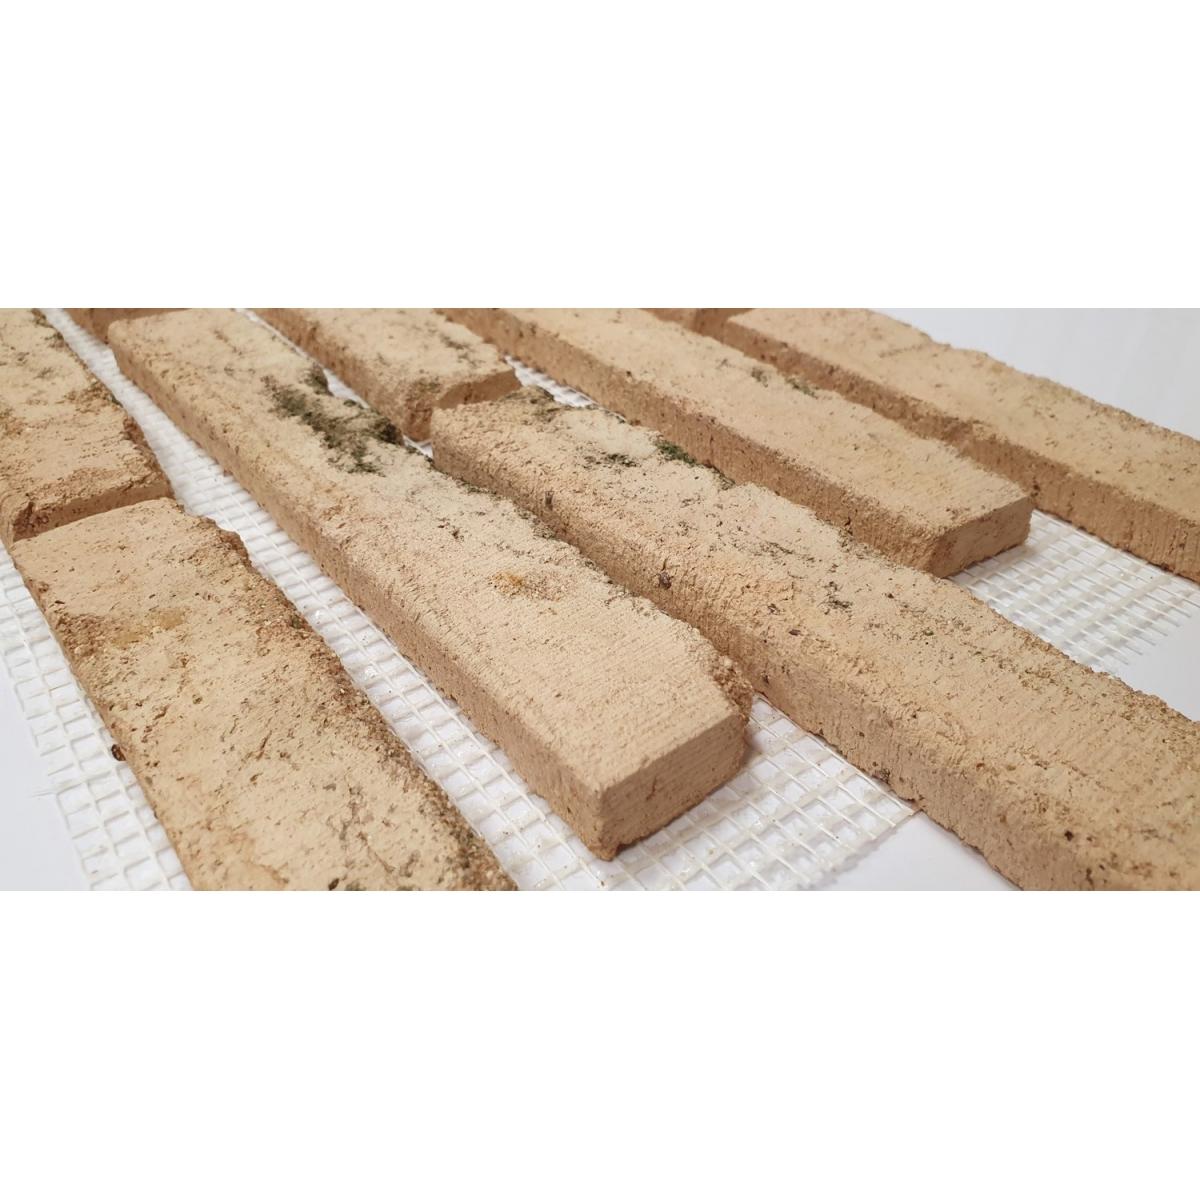 Plaqueta de ladrillo enmallada para revestimiento interior y exterior tono musgo